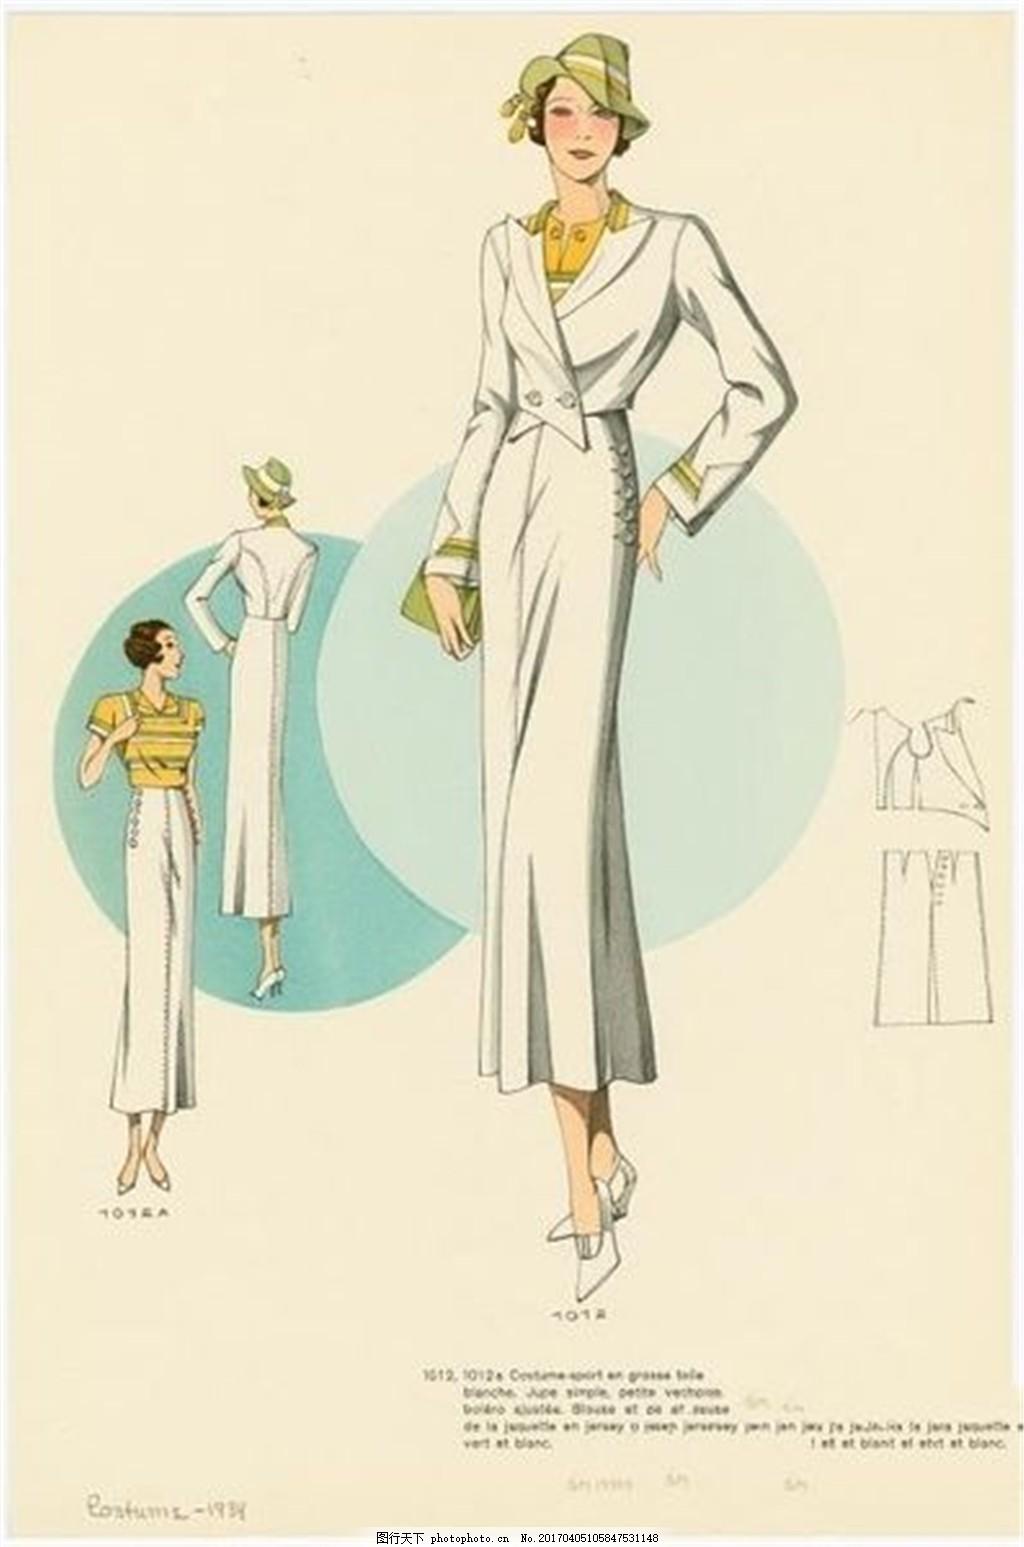 欧洲时装长裙设计图 时尚女装 职业女装 女装设计效果图 服装图片免费图片